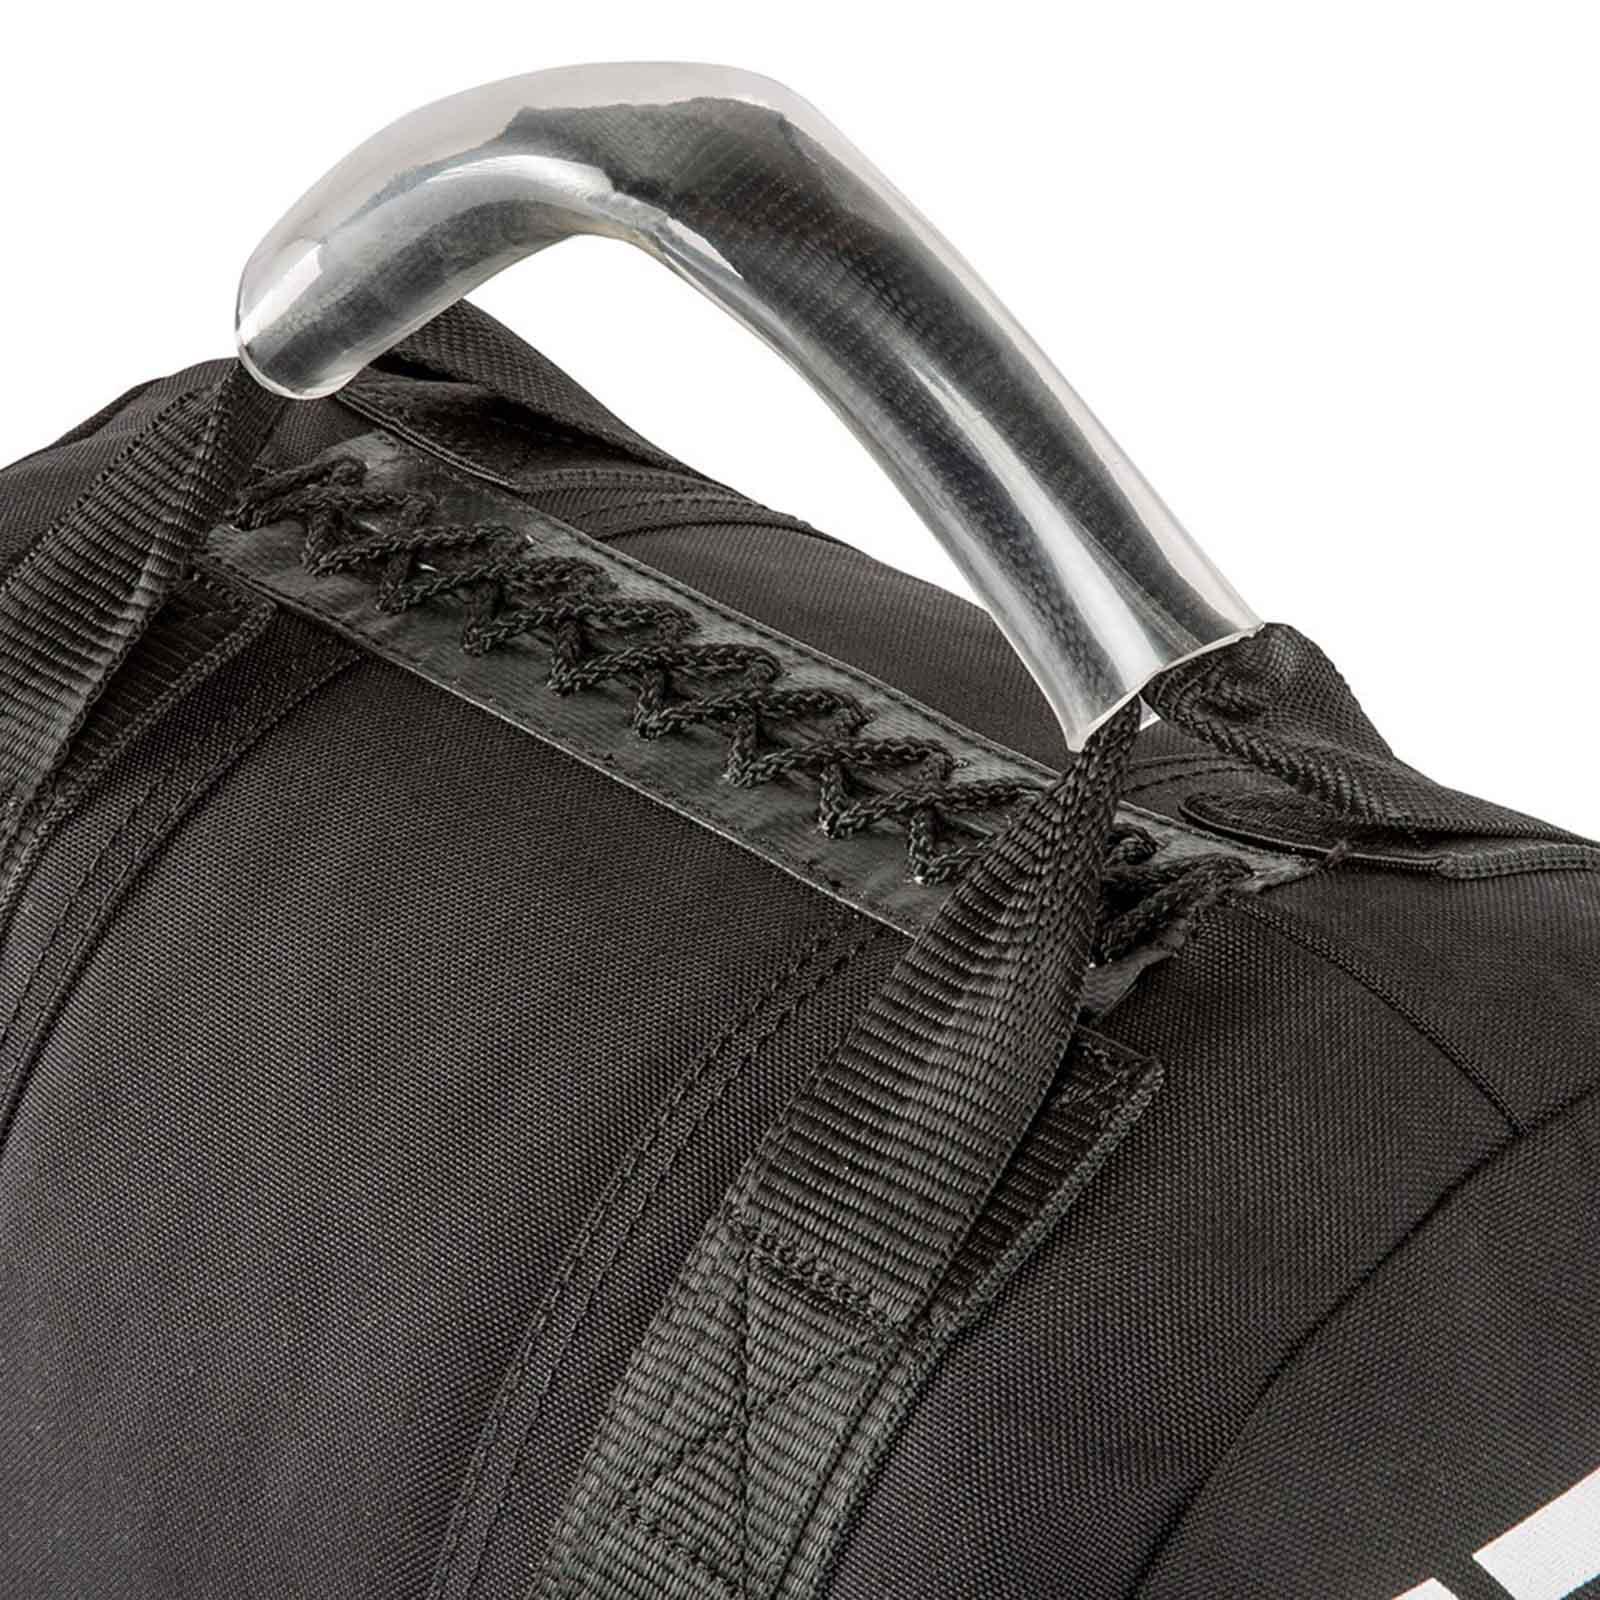 crossfit throw bag